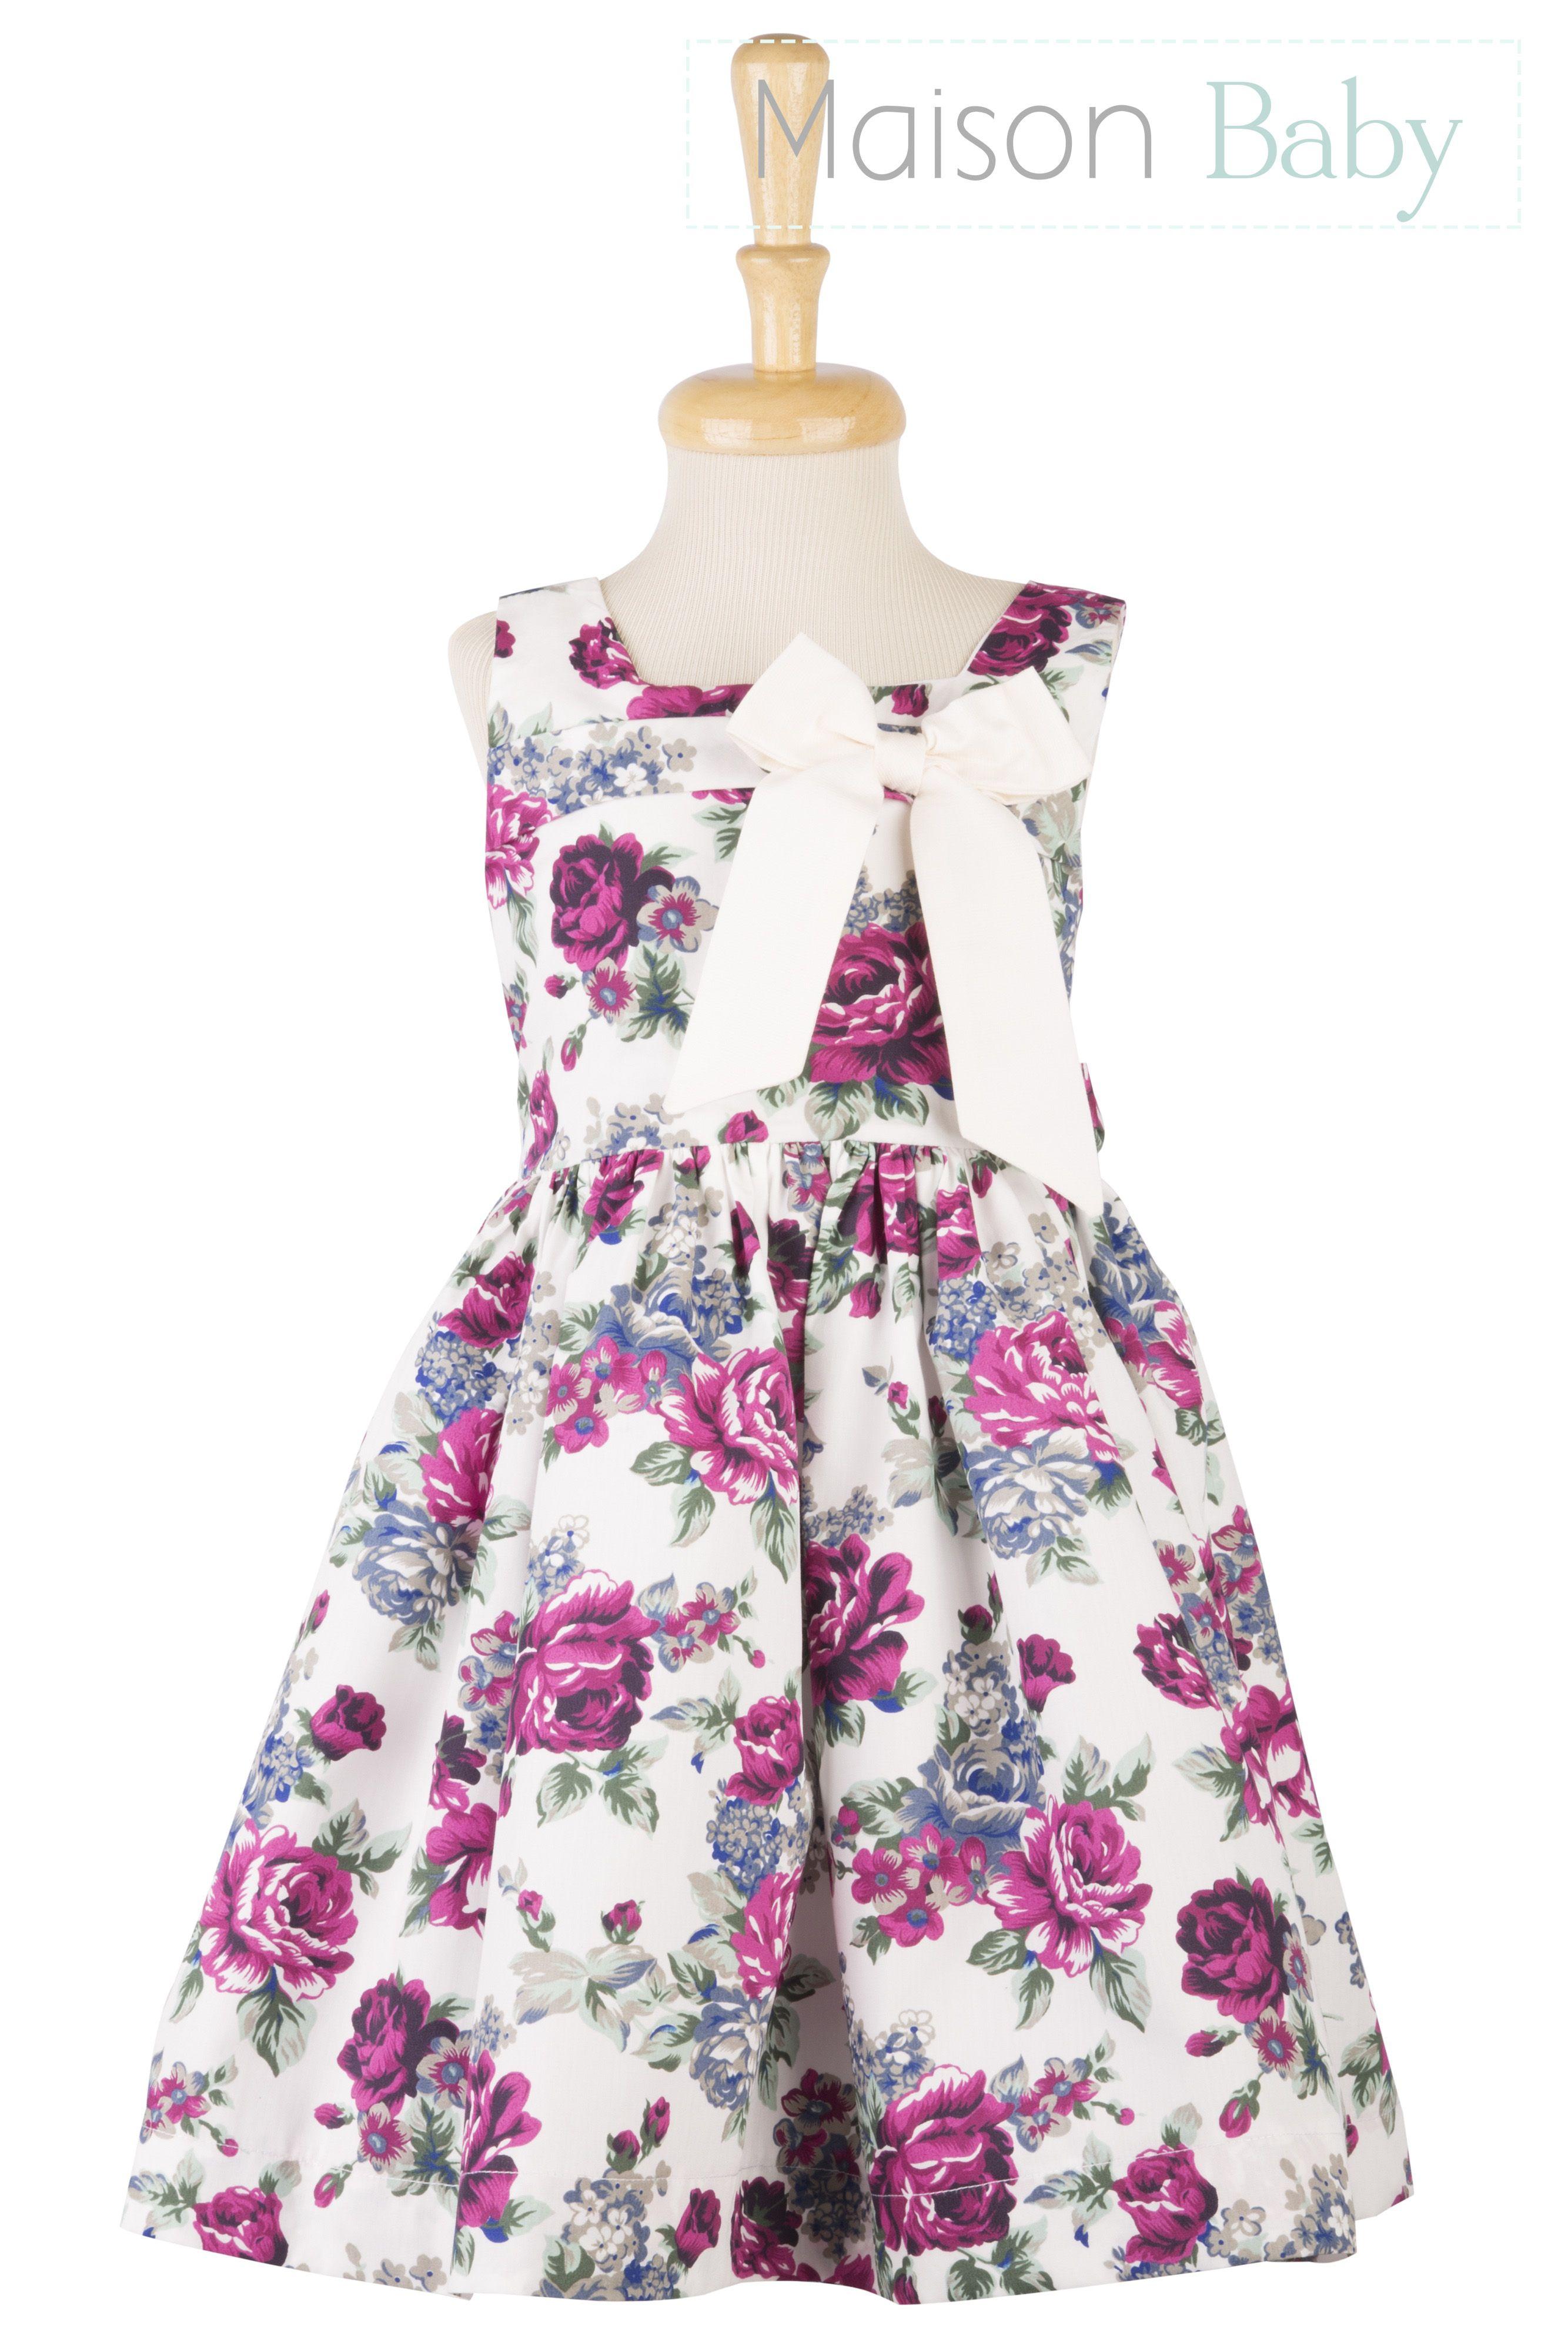 Vestido infantil florido parte da nova coleção da Maison Baby. Beautiful floral dress for toddlers. #vestidoinfantilfloral #floraldressfortoddlers